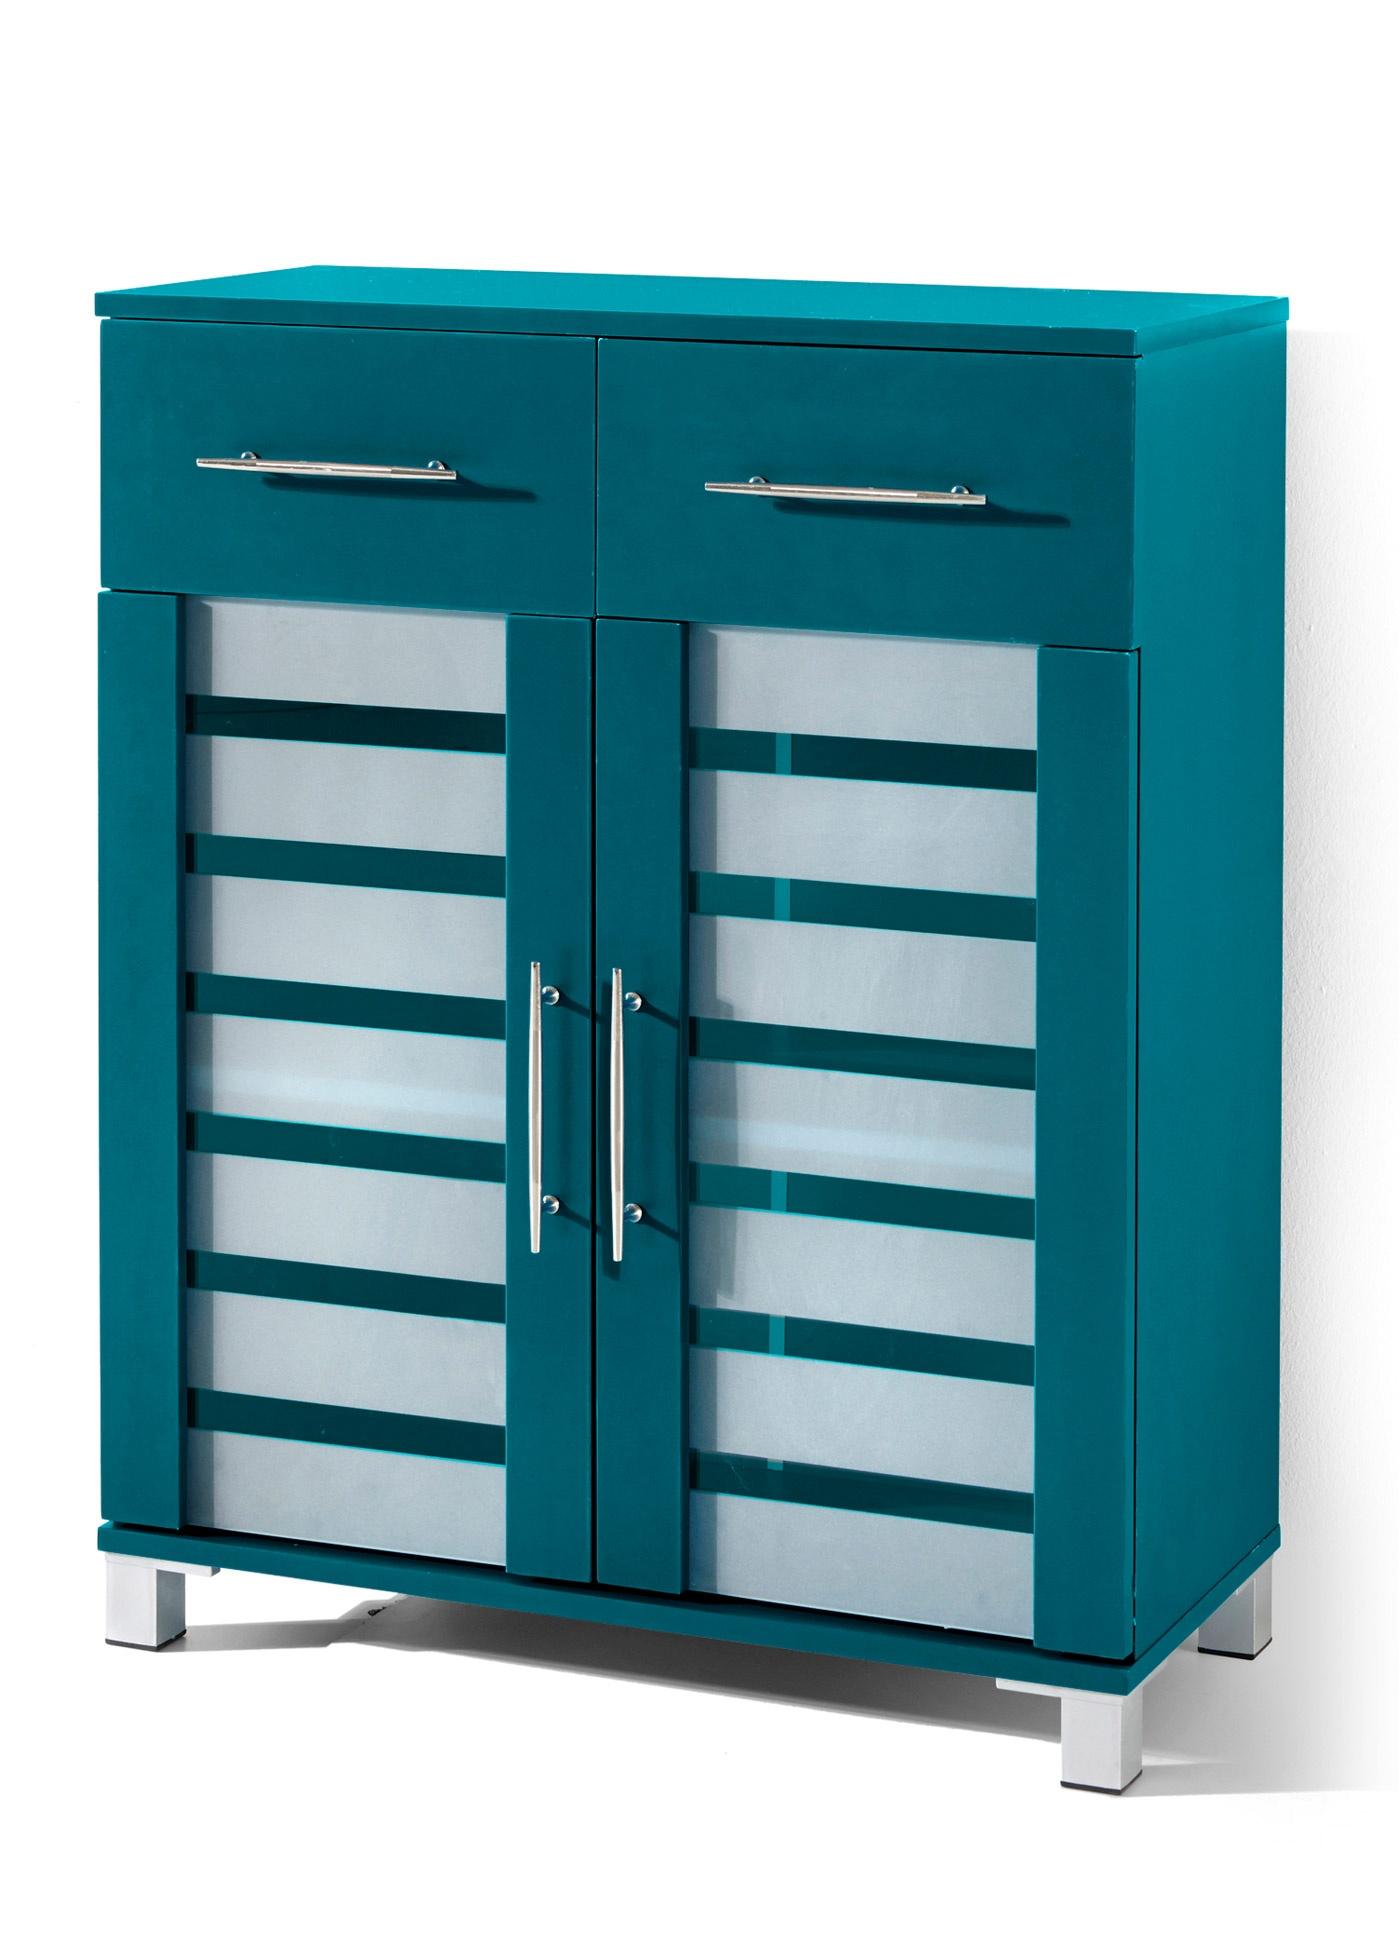 Image of Badezimmer Schrank mit 2 Türen und 2 Schubladen